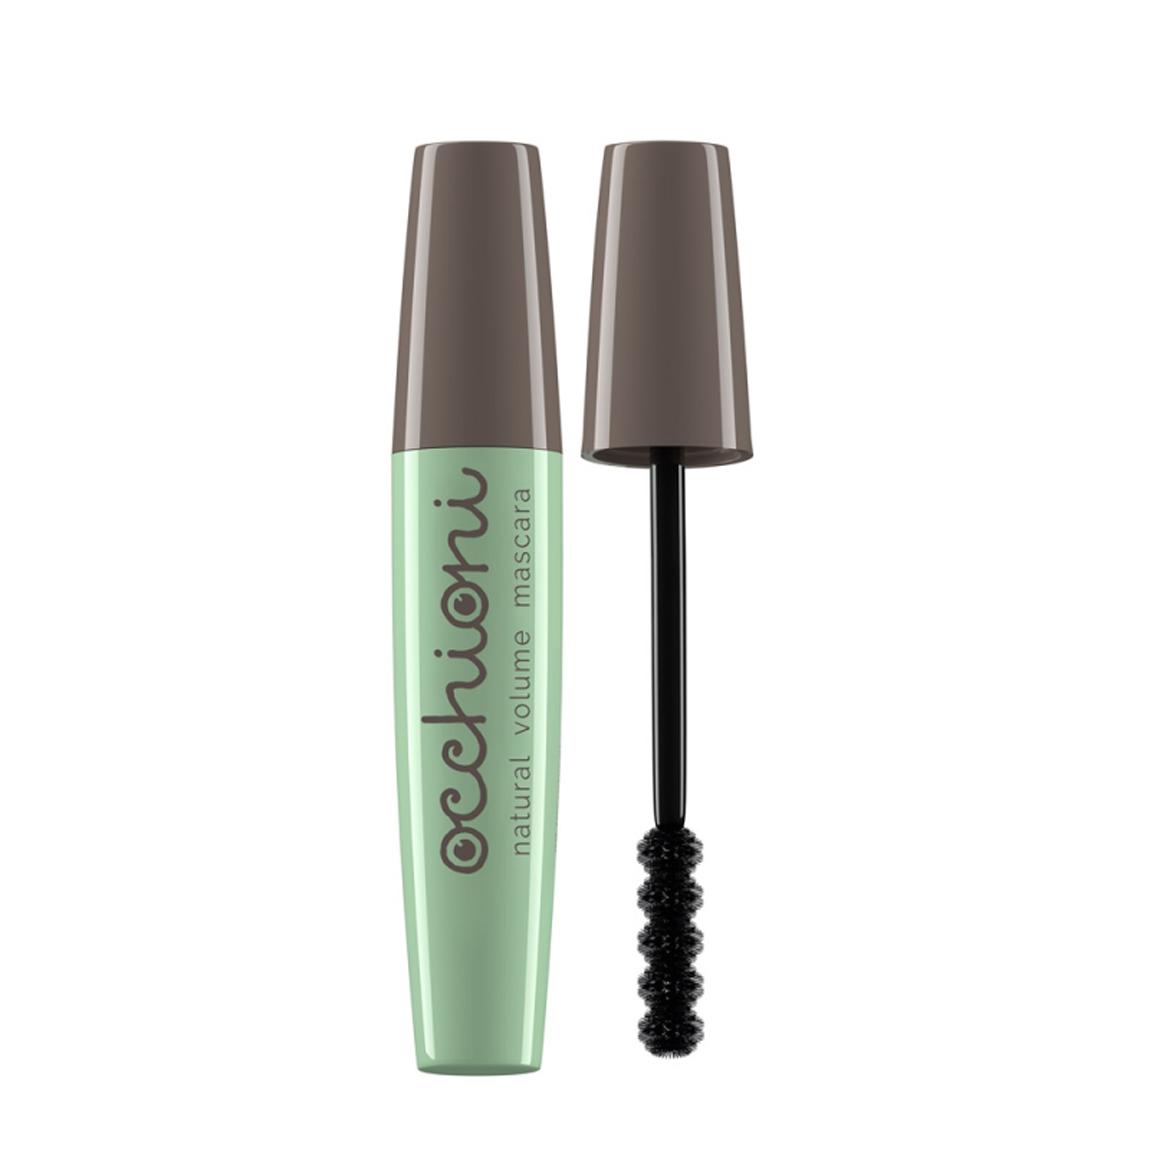 Mascara bio volumizing Eyes - Neve Cosmetics